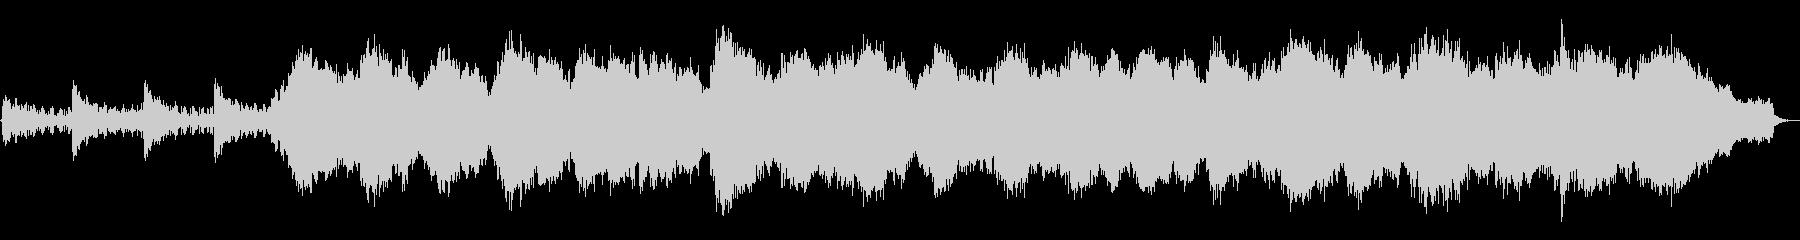 静かなシンセサイザーとケーナの音楽の未再生の波形